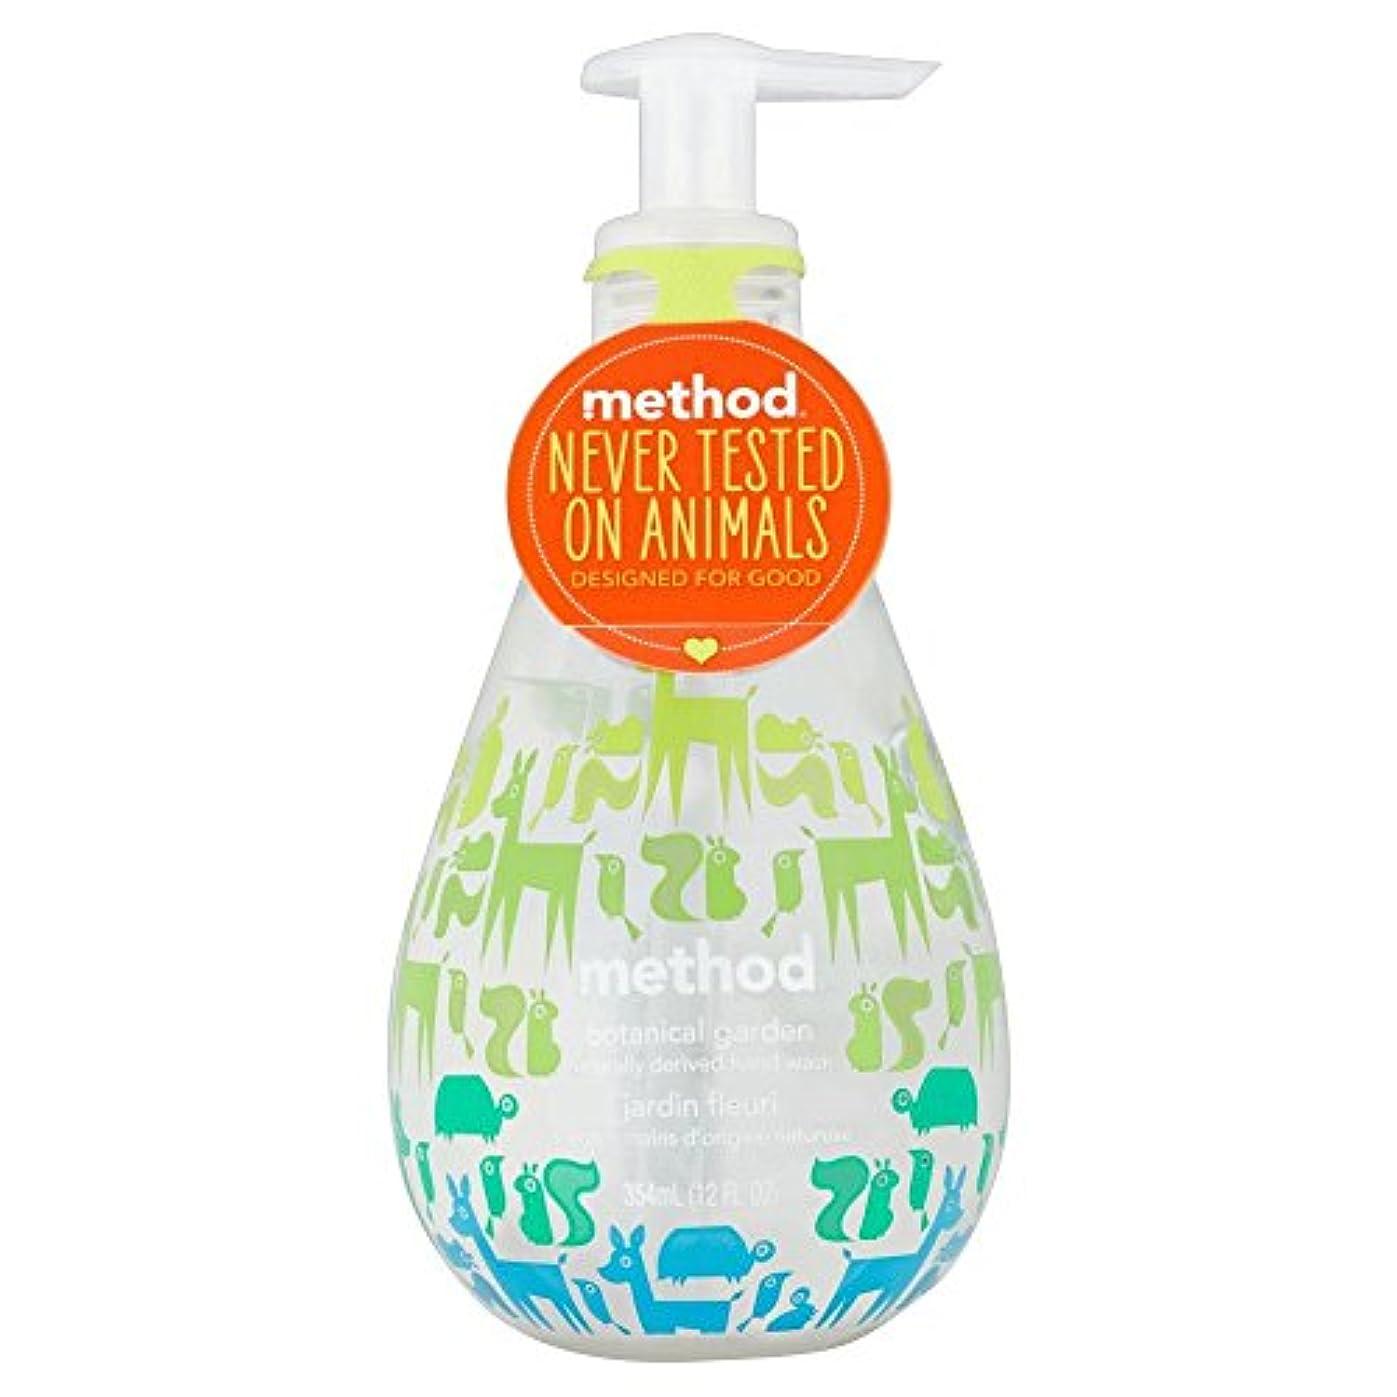 請願者さようなら裂け目Method Hand Wash - Botanical Garden (354ml) メソッドハンドウォッシュ - 植物園( 354ミリリットル) [並行輸入品]